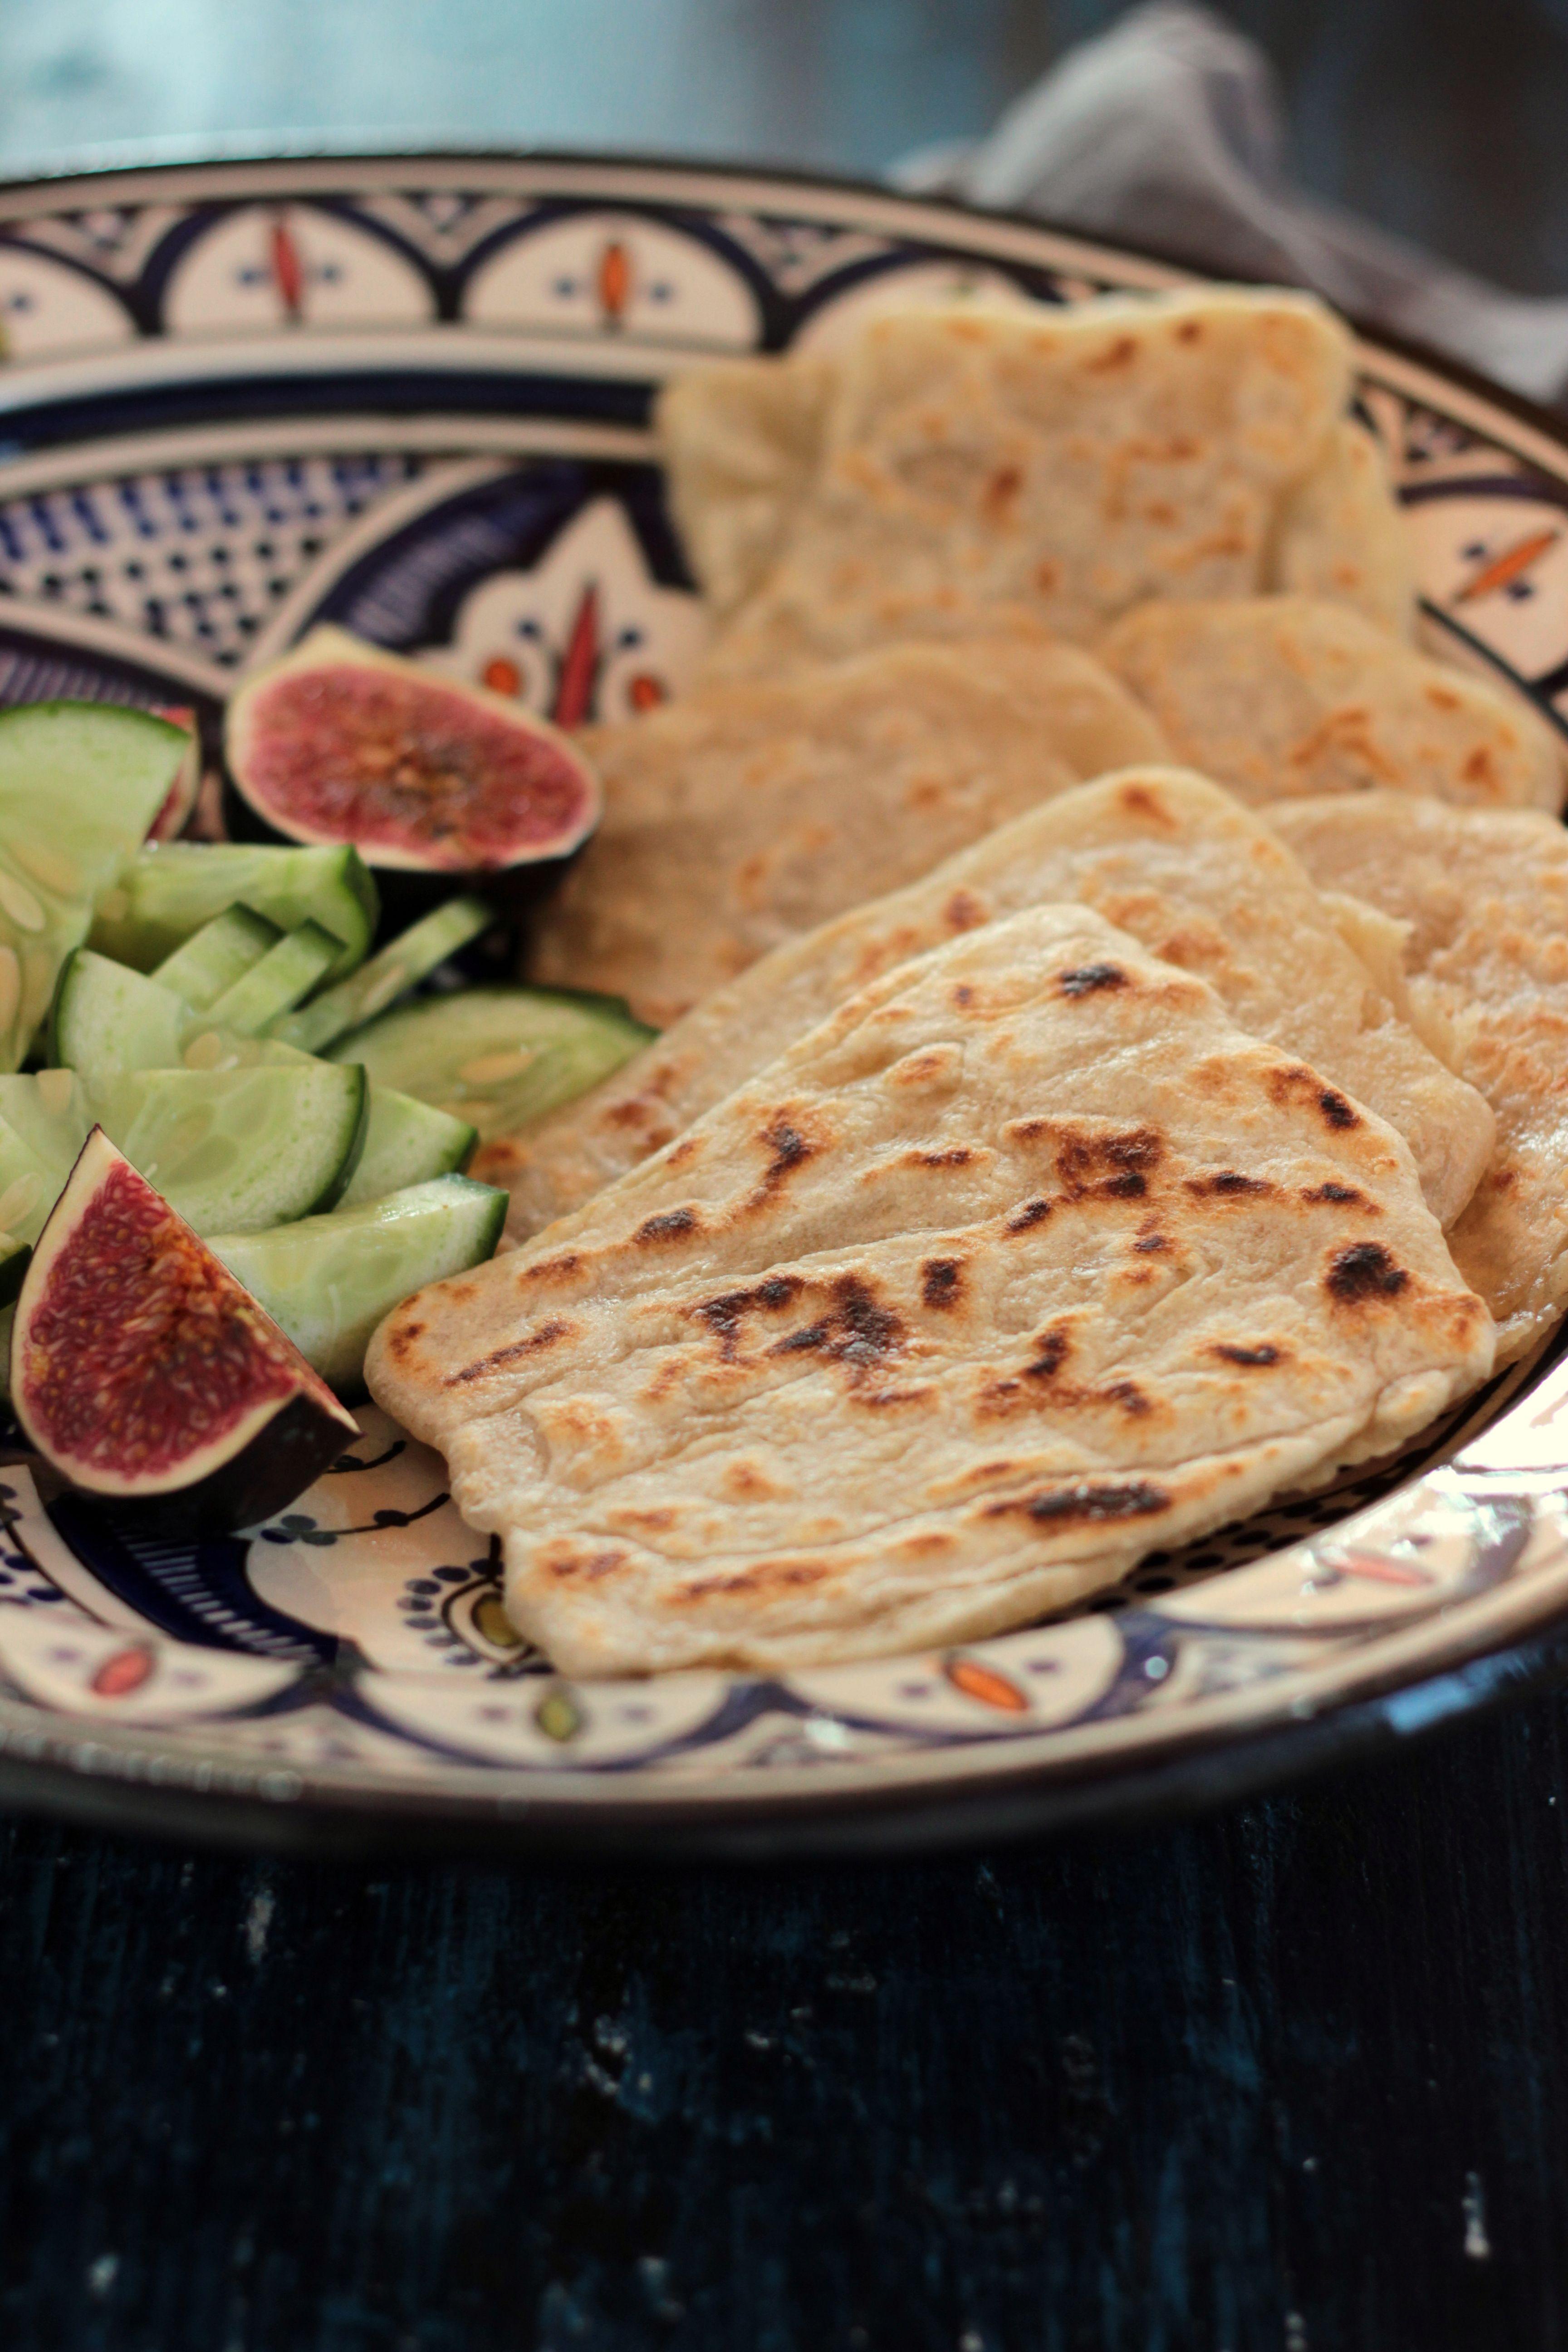 Marokkanische Galette Oder Willkommen In Marrakesch Lena Merz Marokkanische Rezepte Marokkanisches Essen Arabisches Essen